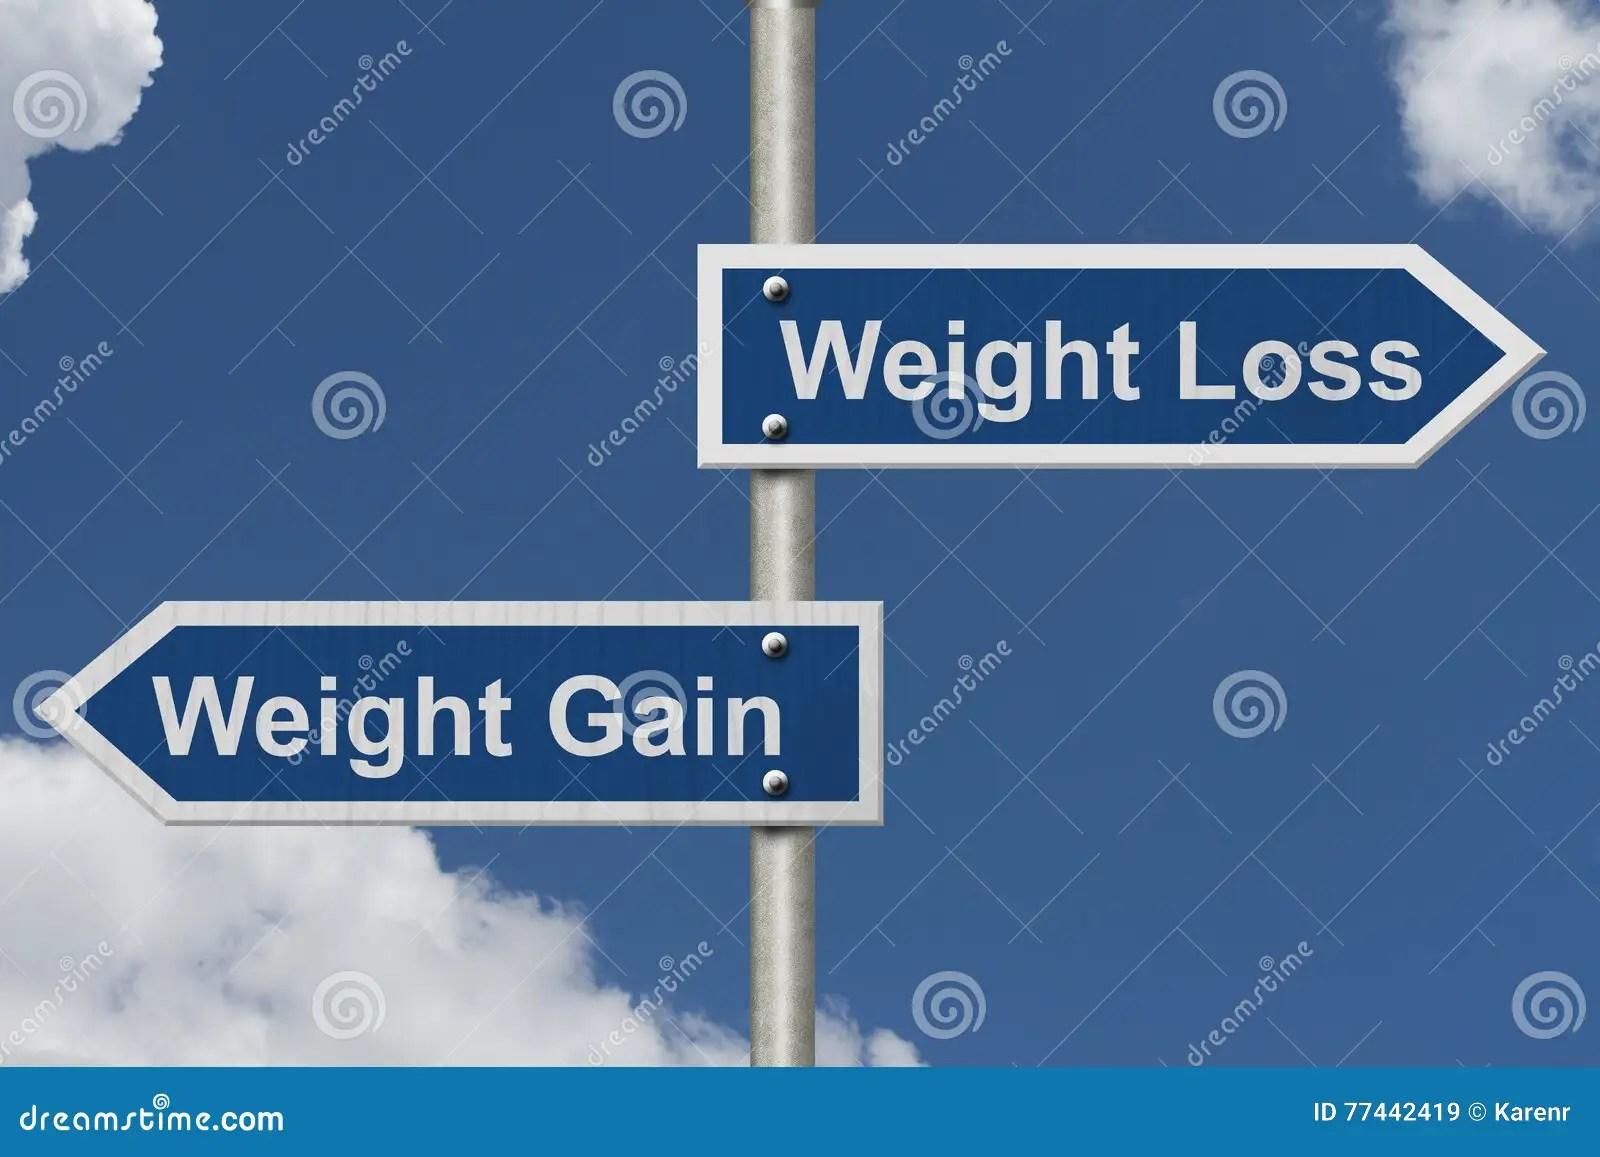 weight loss versus gain stock photo image 77442419